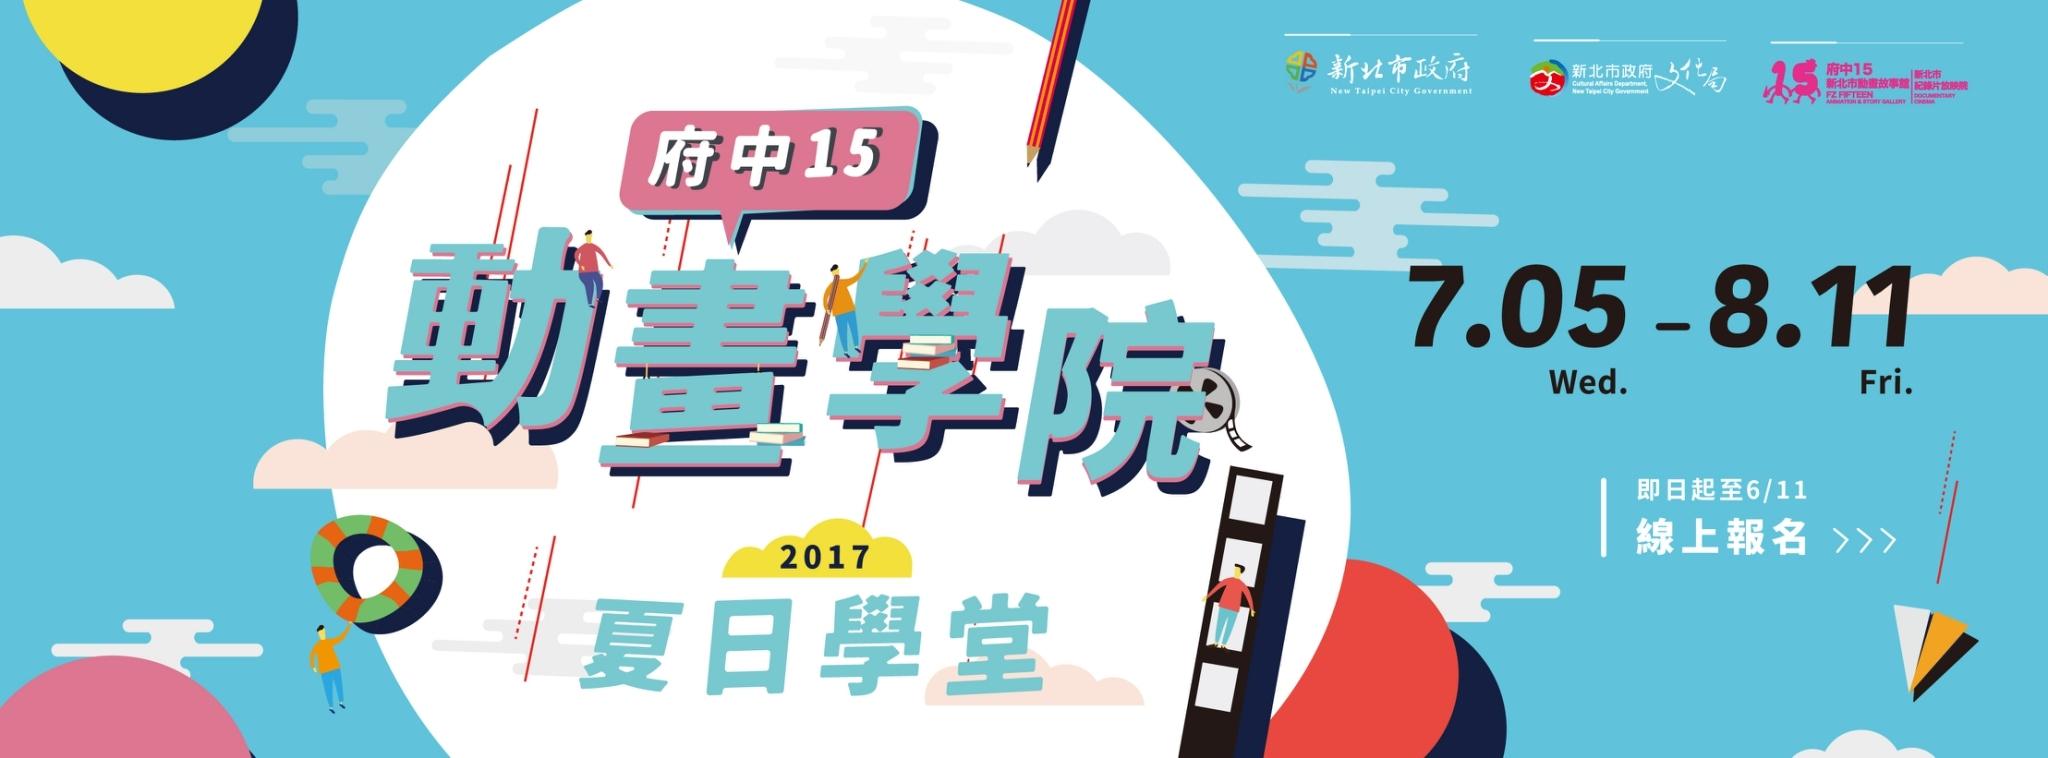 【2017夏日學堂─錄取名單】